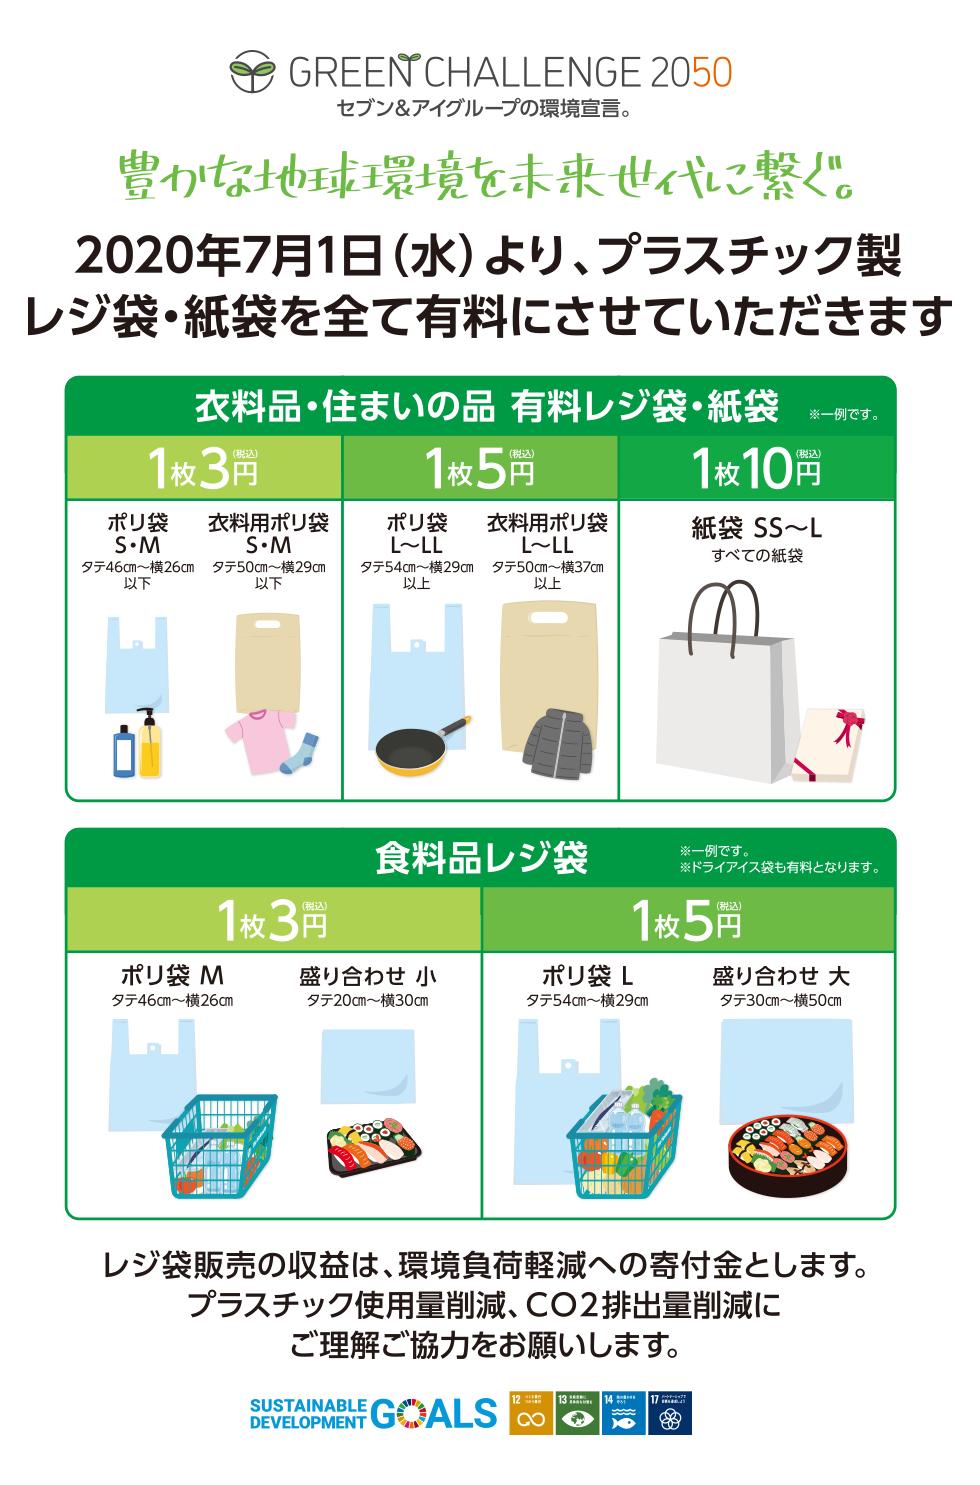 7月1日からレジ袋有料化、ゴミ袋に使うのでレジ袋を買います。